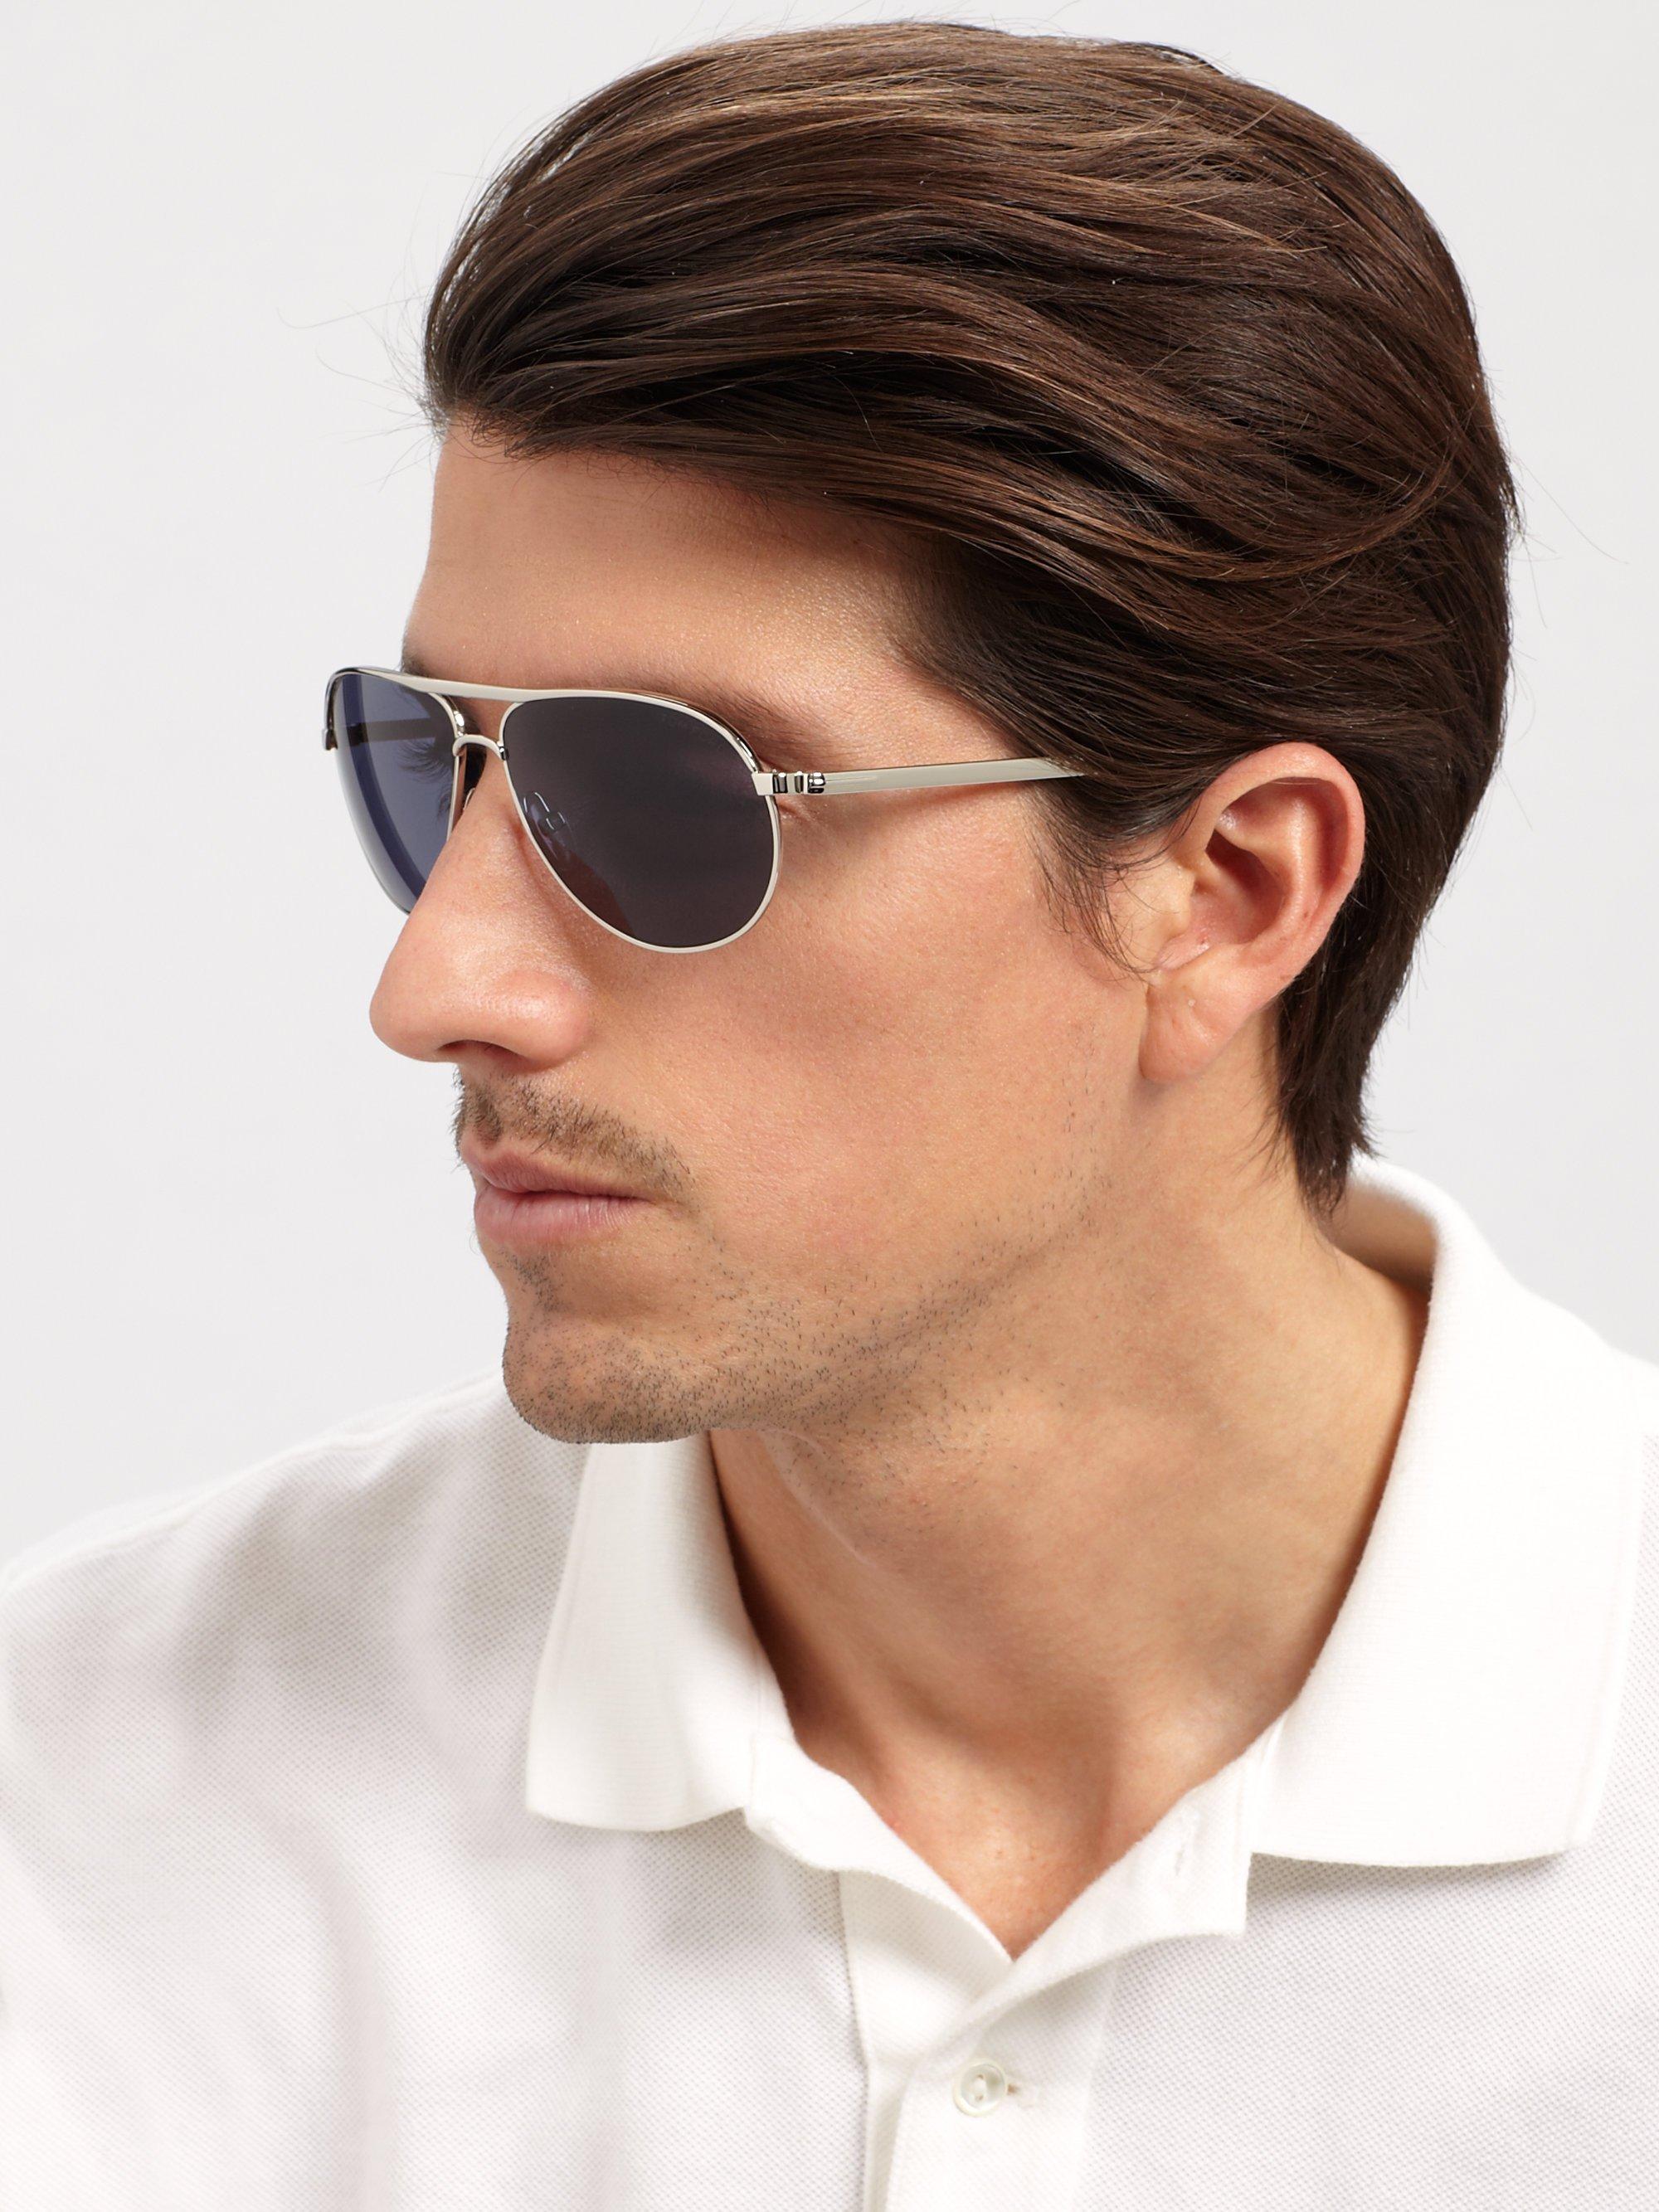 lyst tom ford marko metal aviator sunglasses in blue for men. Black Bedroom Furniture Sets. Home Design Ideas